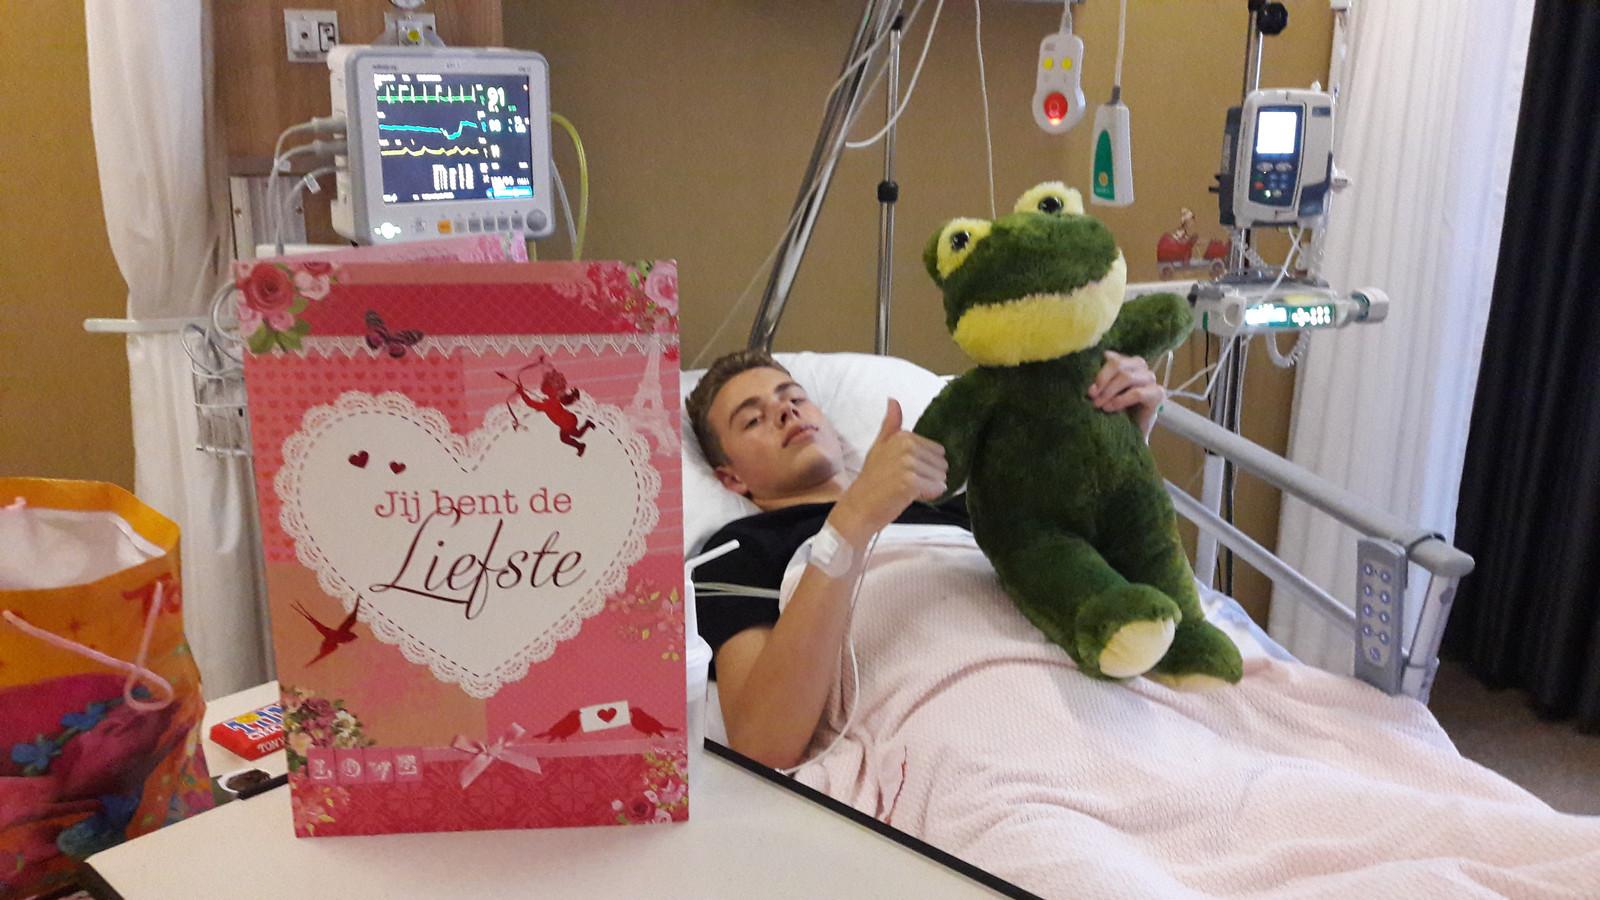 Jetze is opgelucht na de zes uur durende operatie. Een (op)kikker van zijn vrienden doet hem goed.